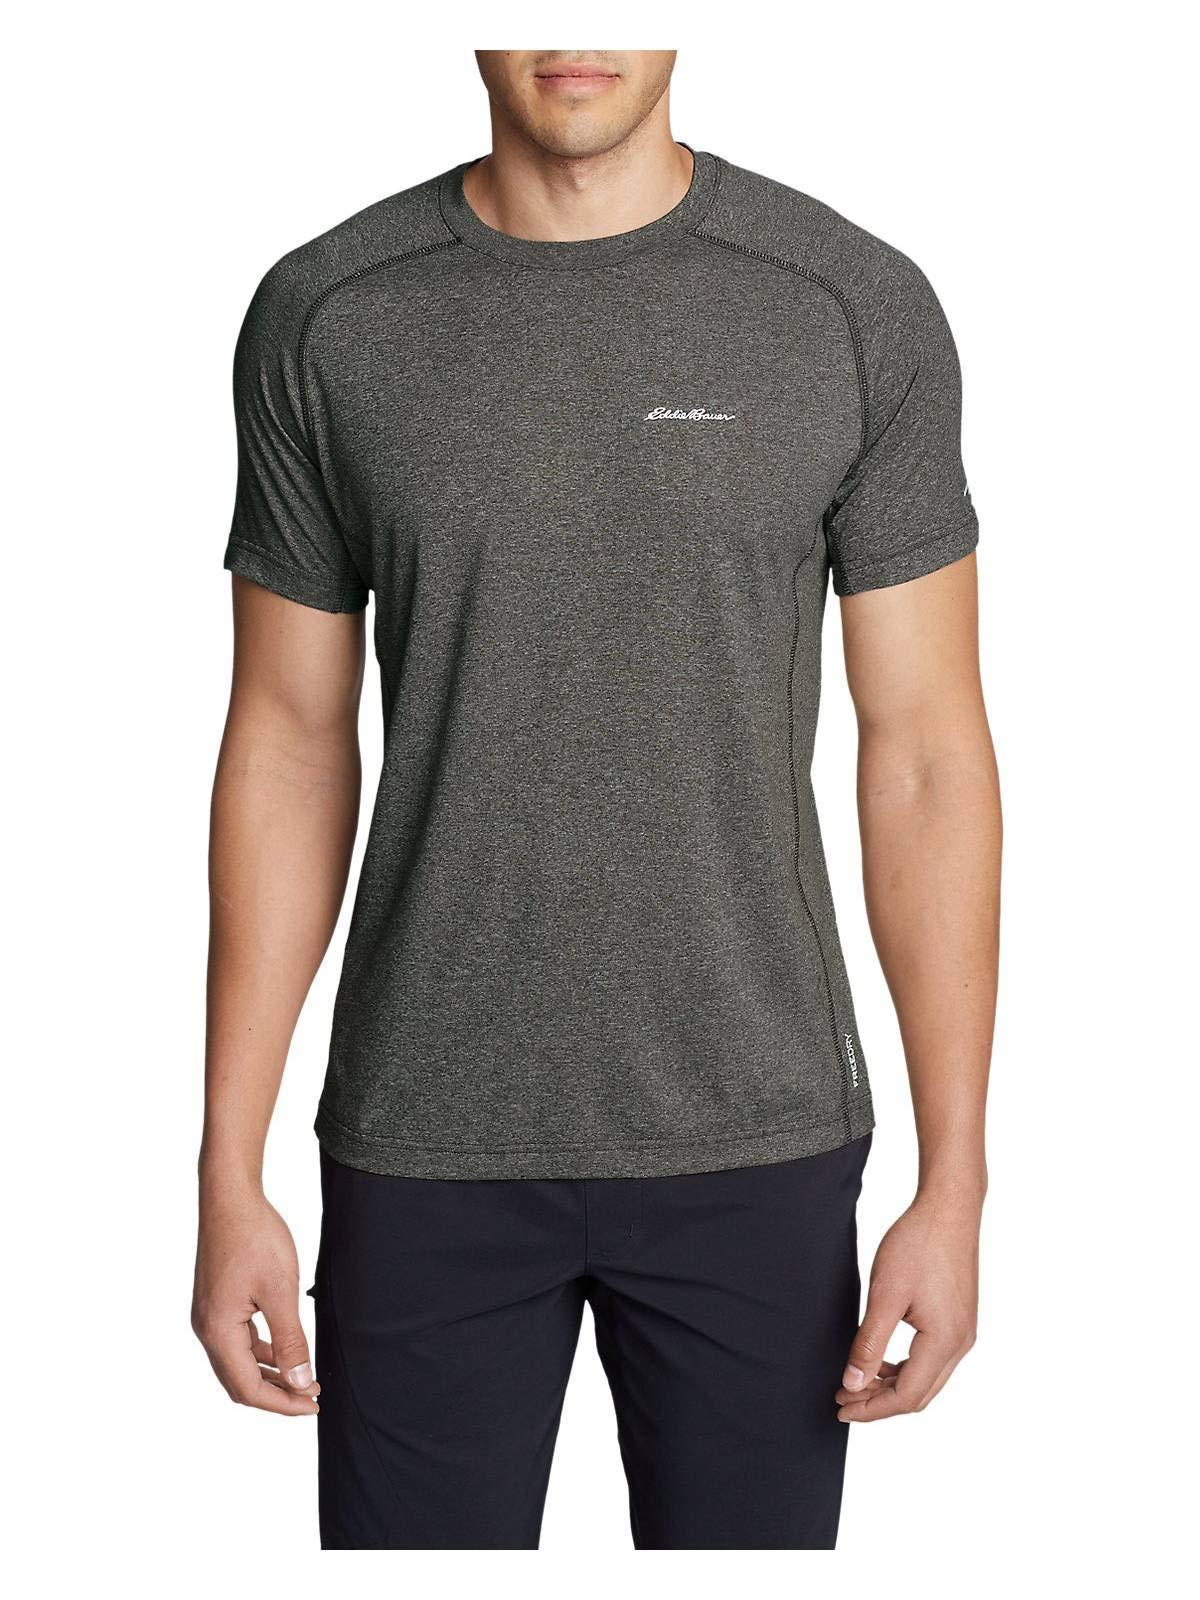 Eddie Bauer Men's Resolution Short-Sleeve T-Shirt, HTR Brown Regular S